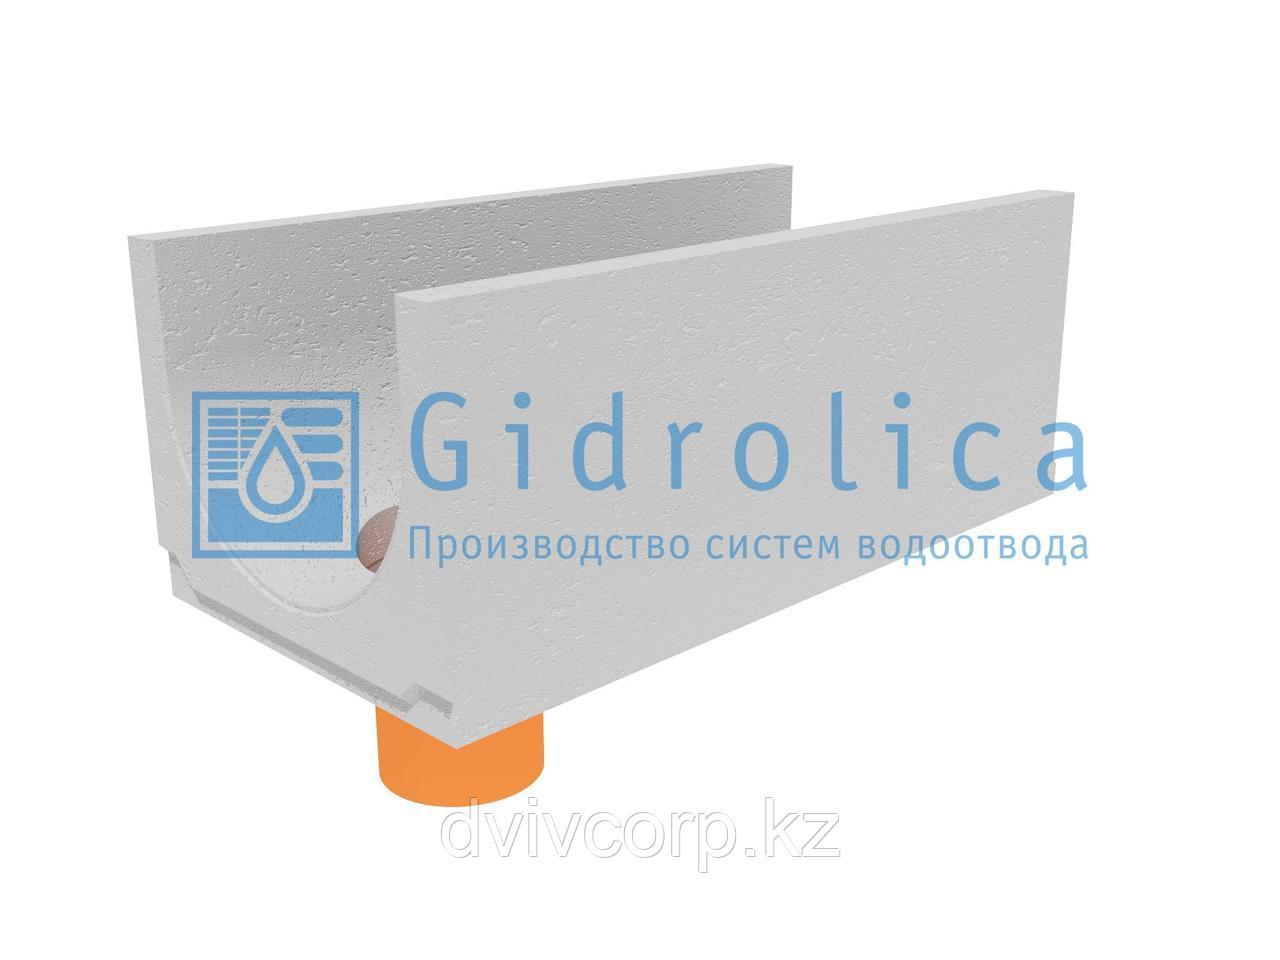 Лоток водоотводный бетонный коробчатый (СО-400мм), с водосливом КUв 100.49,4(40).39,5(32,5) - BGU, № 0